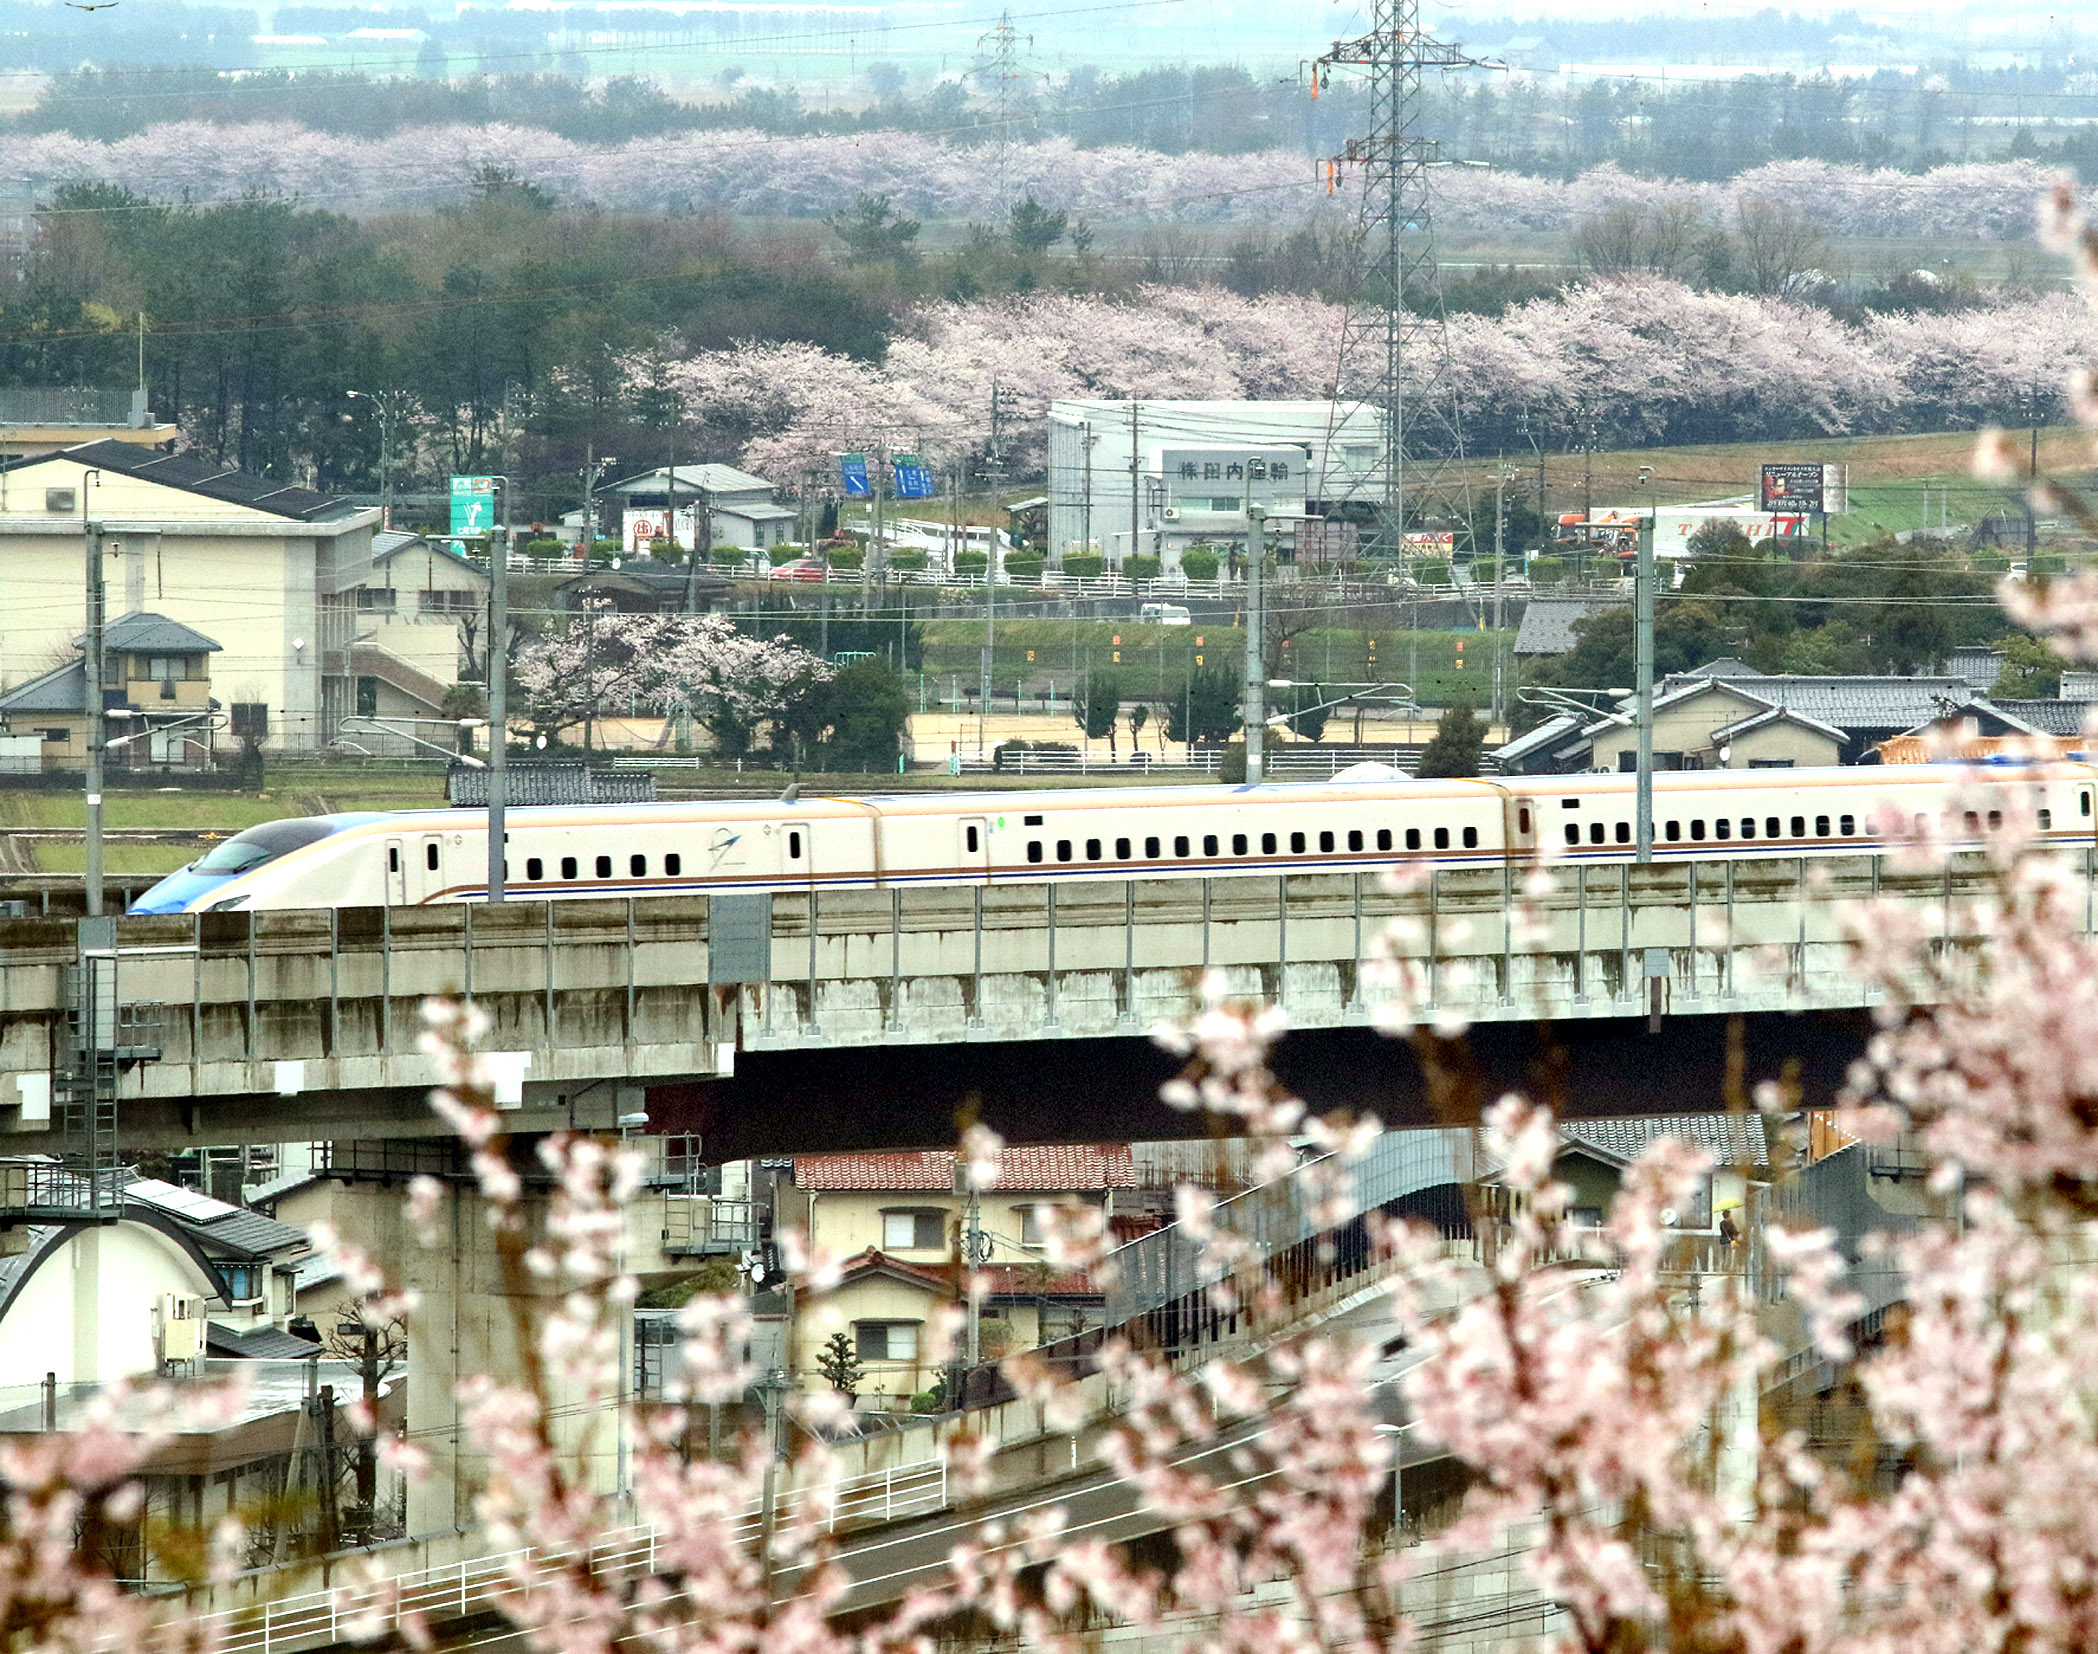 桜が咲き誇る風景の中を走る北陸新幹線の車両=金沢市吉原町